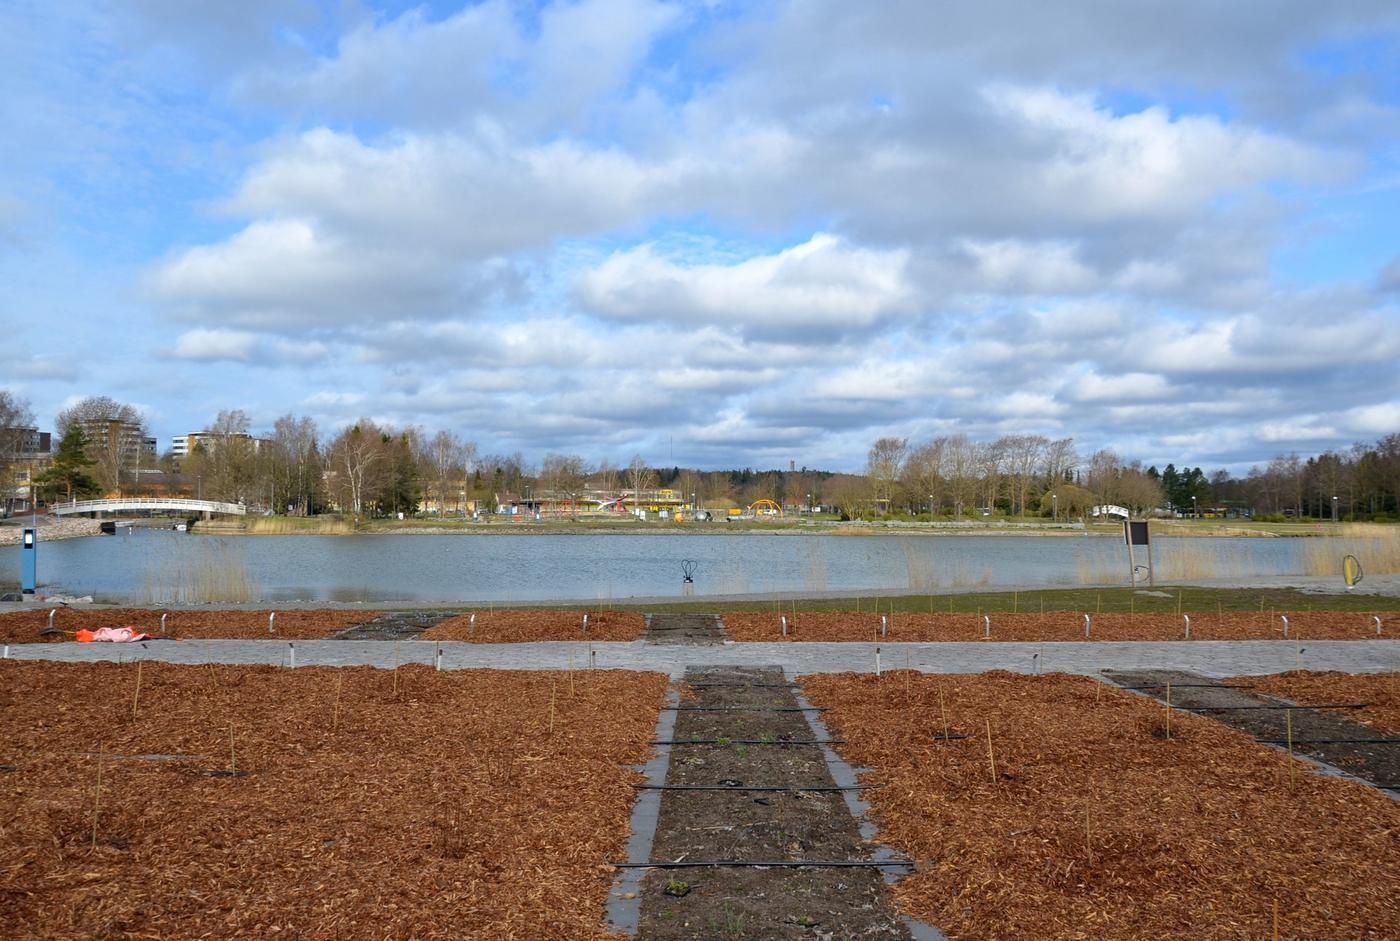 en park som nyligen planterats vid vattenbrynet